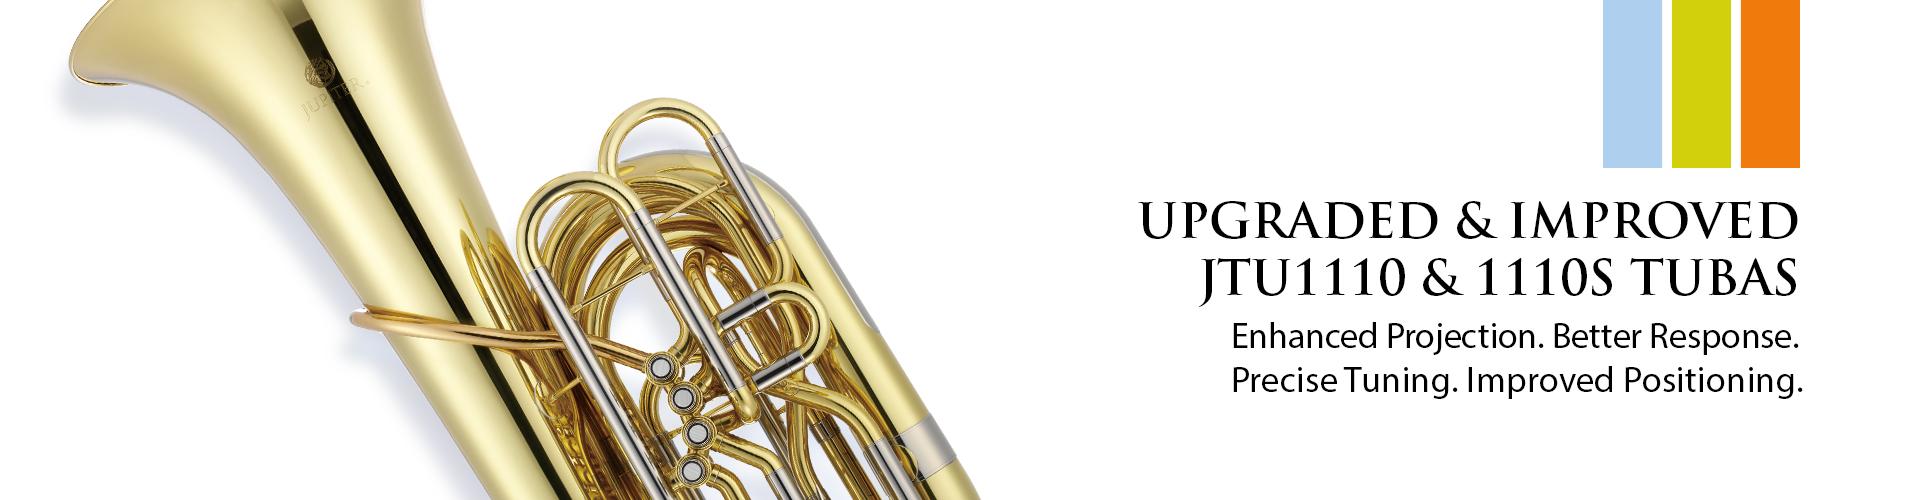 JTU1110 Tuba Upgrades